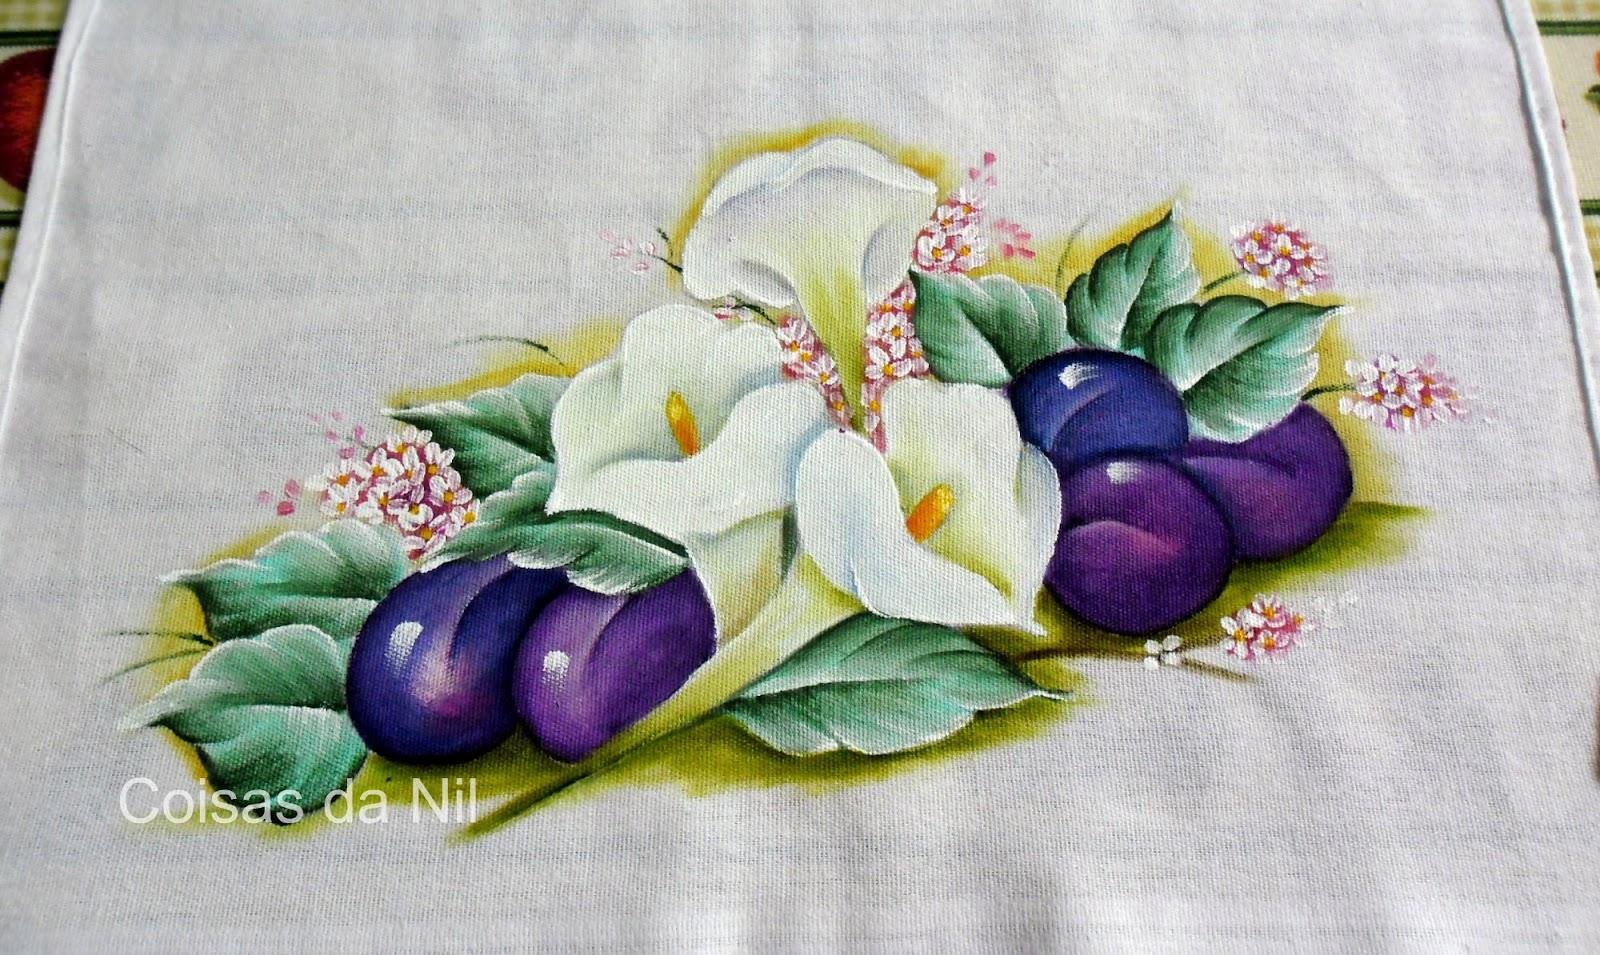 Pintura em tecido - Pano de copa com copos de leite e ameixas.